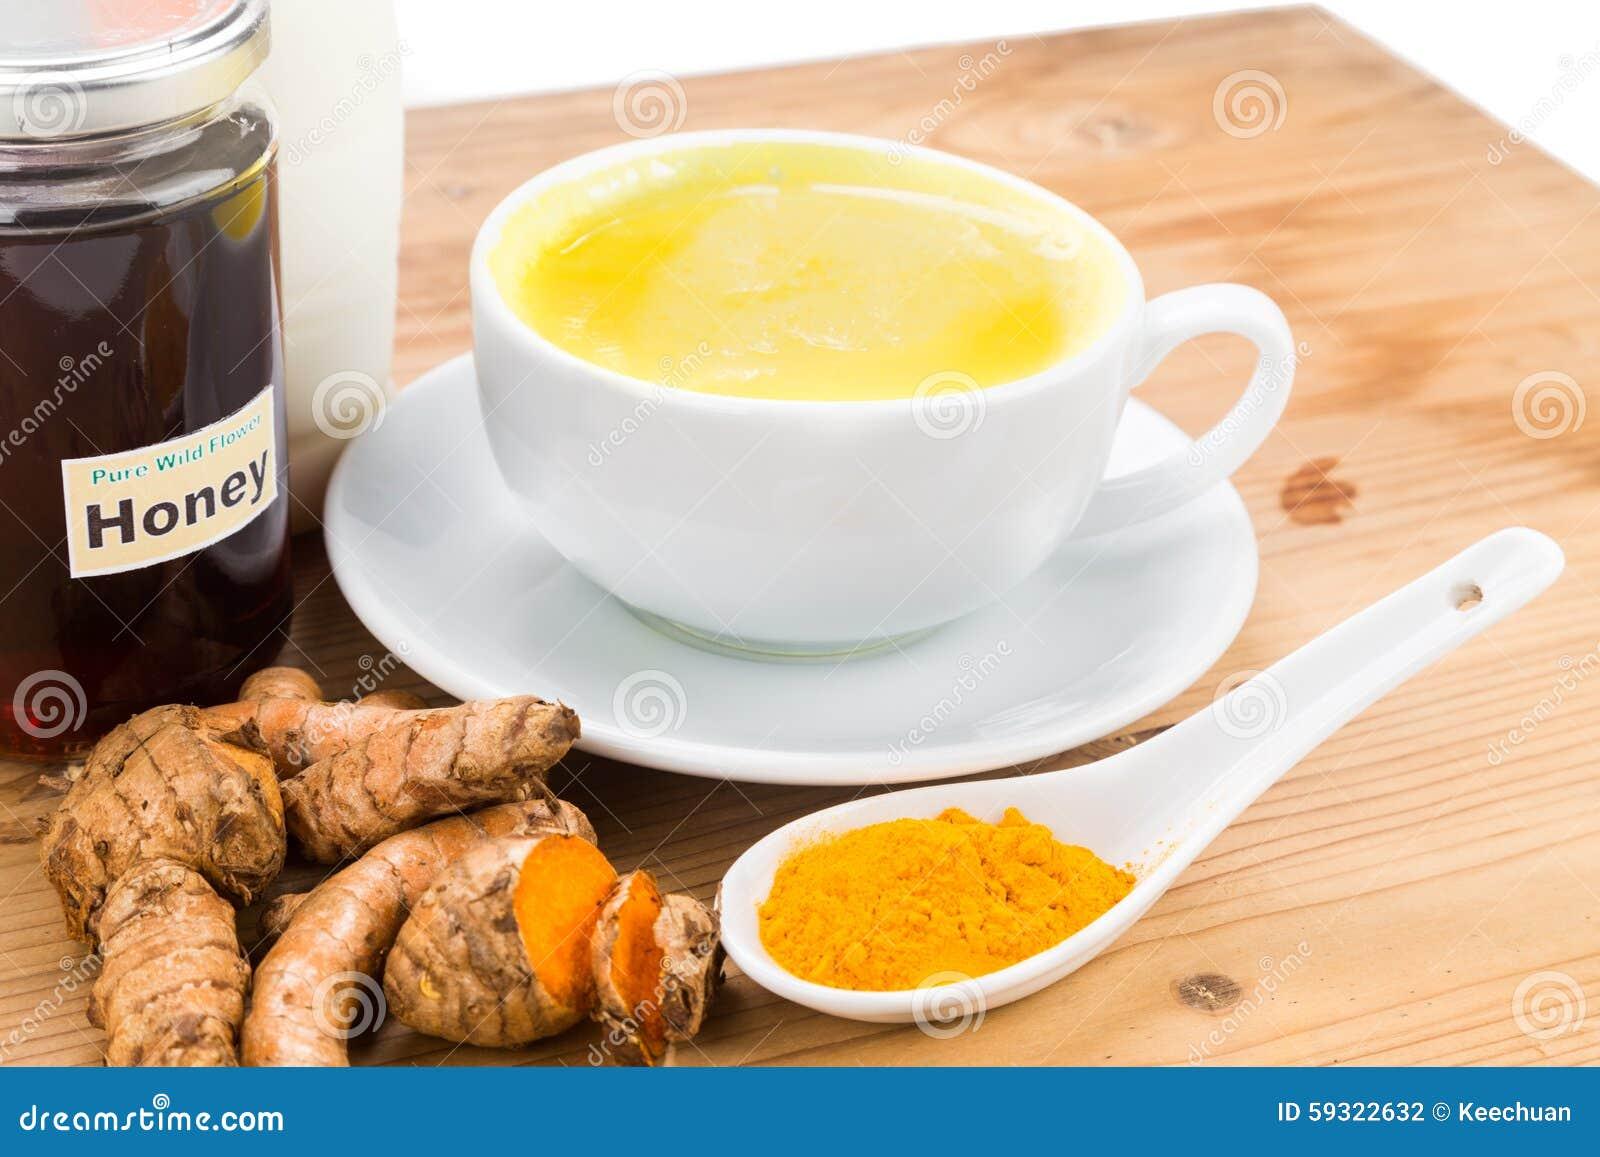 Корни турмерина с пить молока и меда для красоты и здоровья